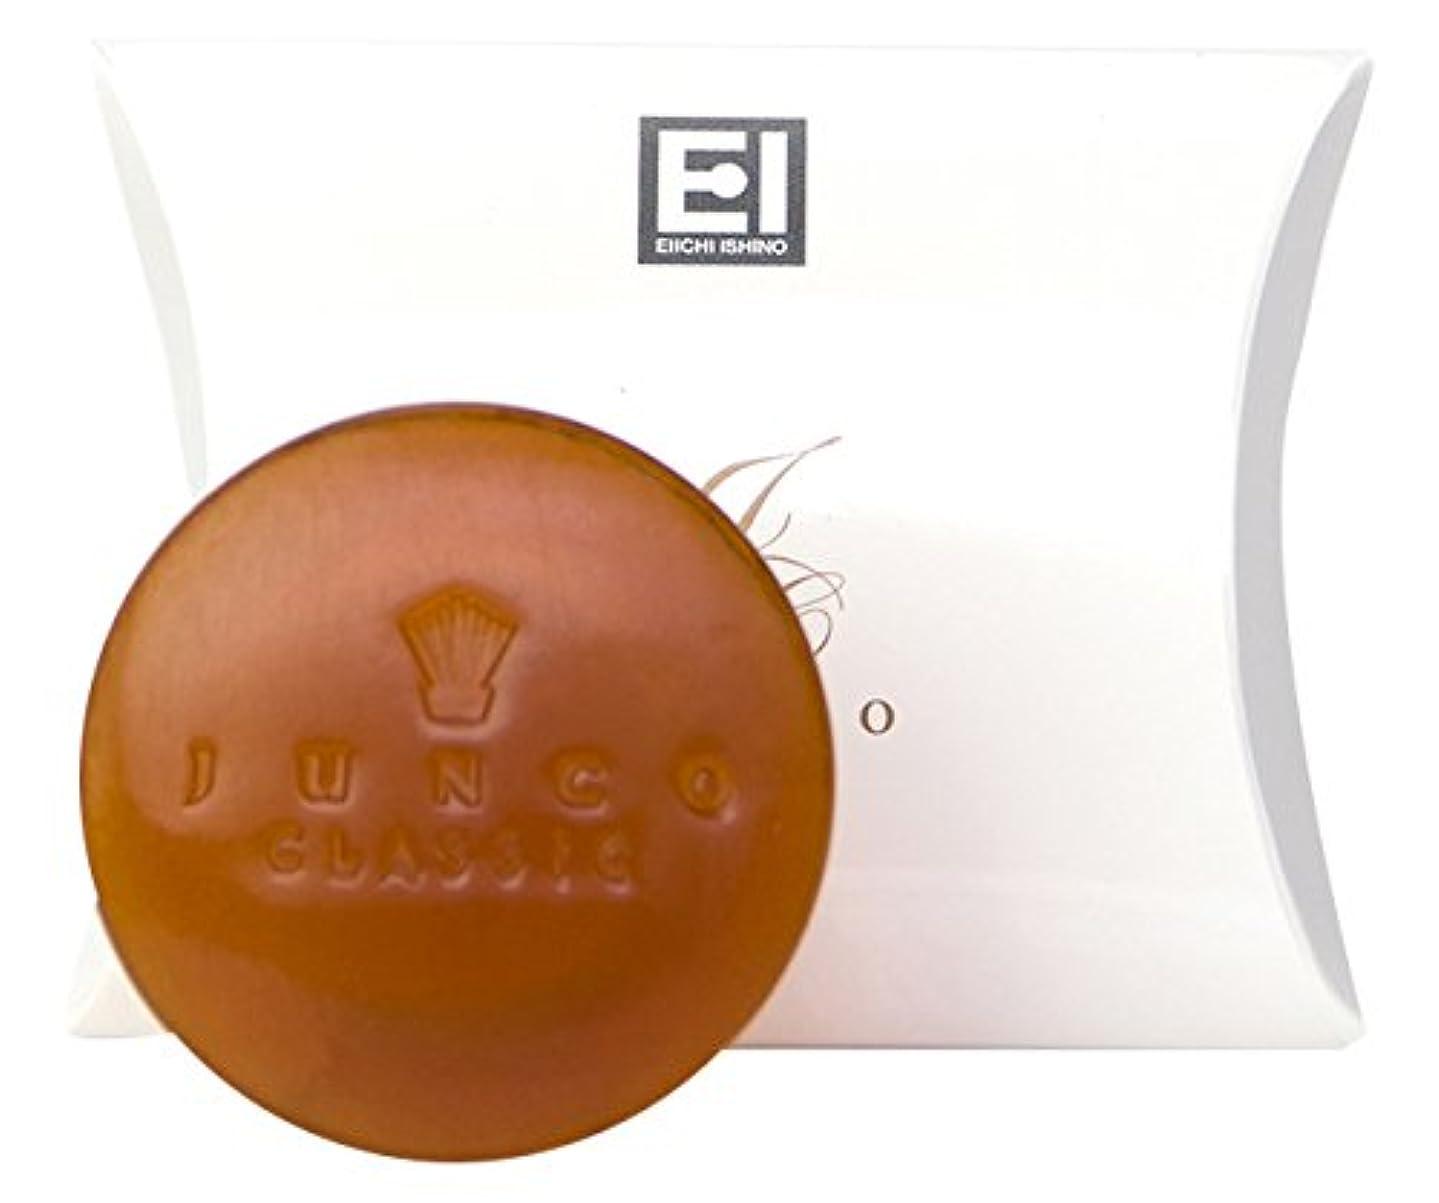 記憶に残る春枯渇EI JUNCO CLASSIC SOAP 10g